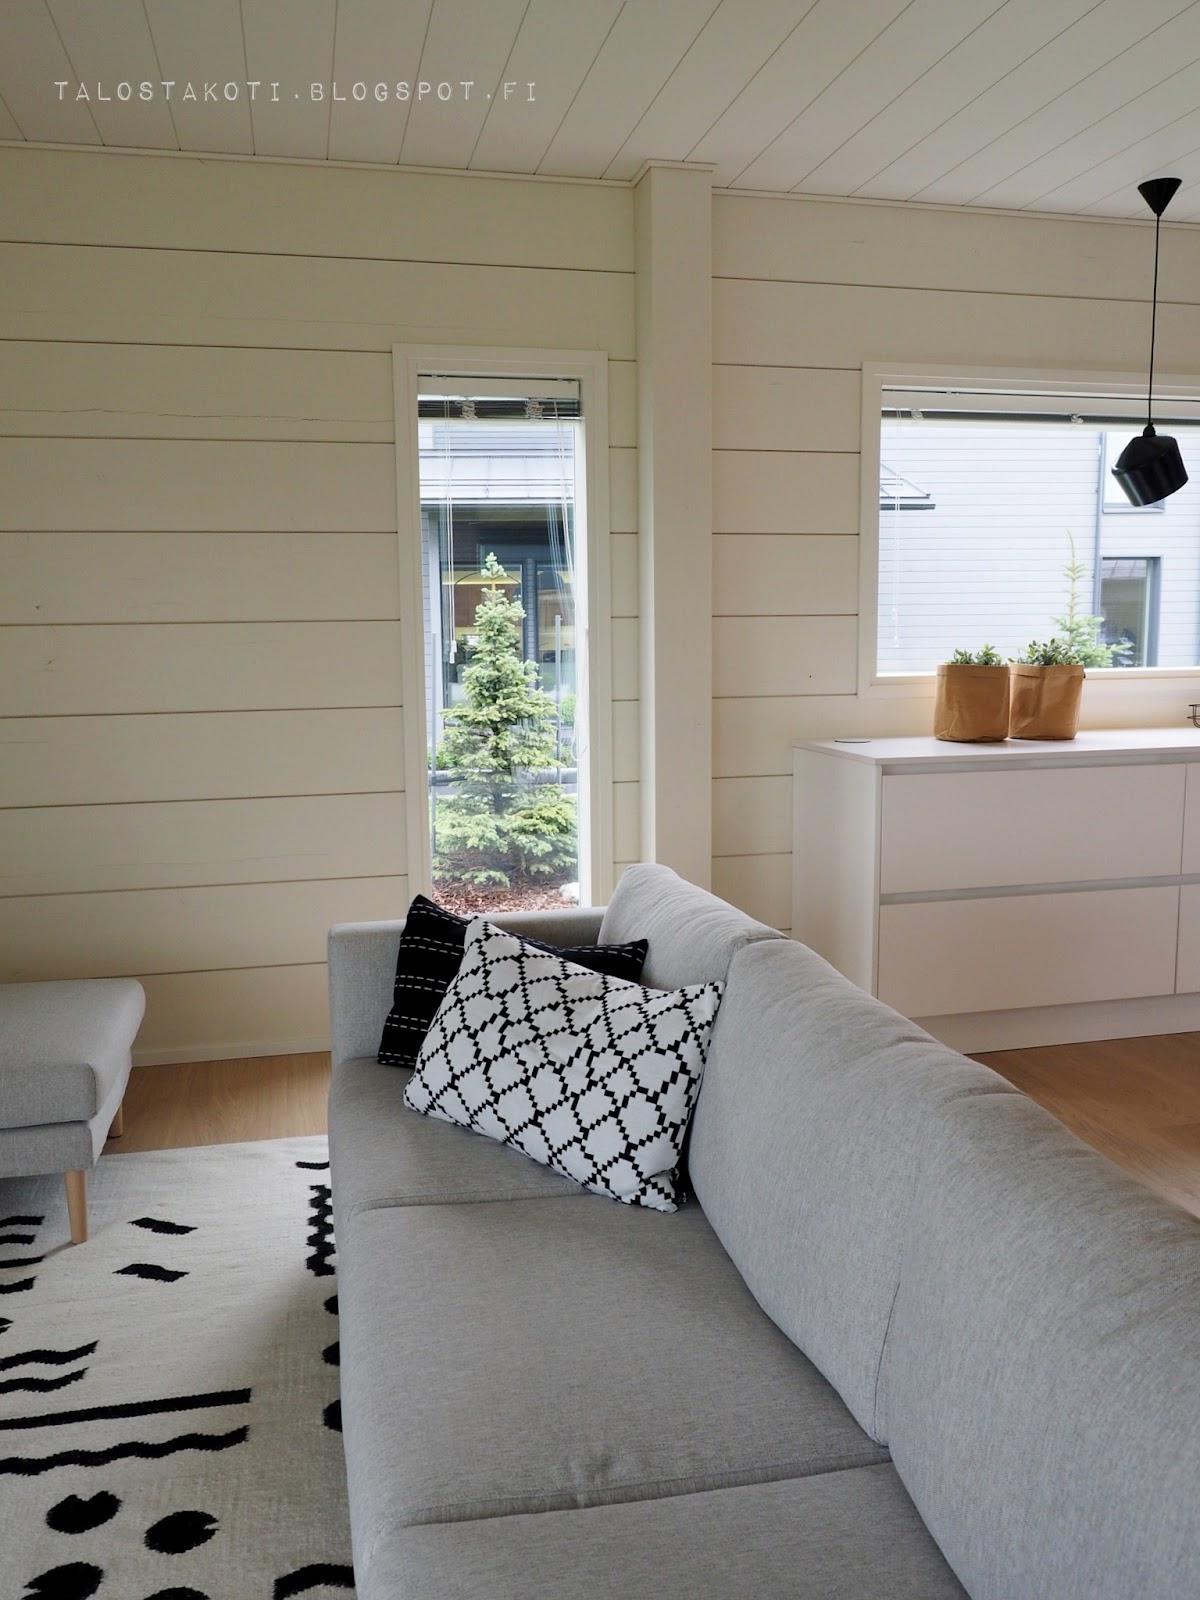 Seinäjoen asuntomessut Honka Markki 19